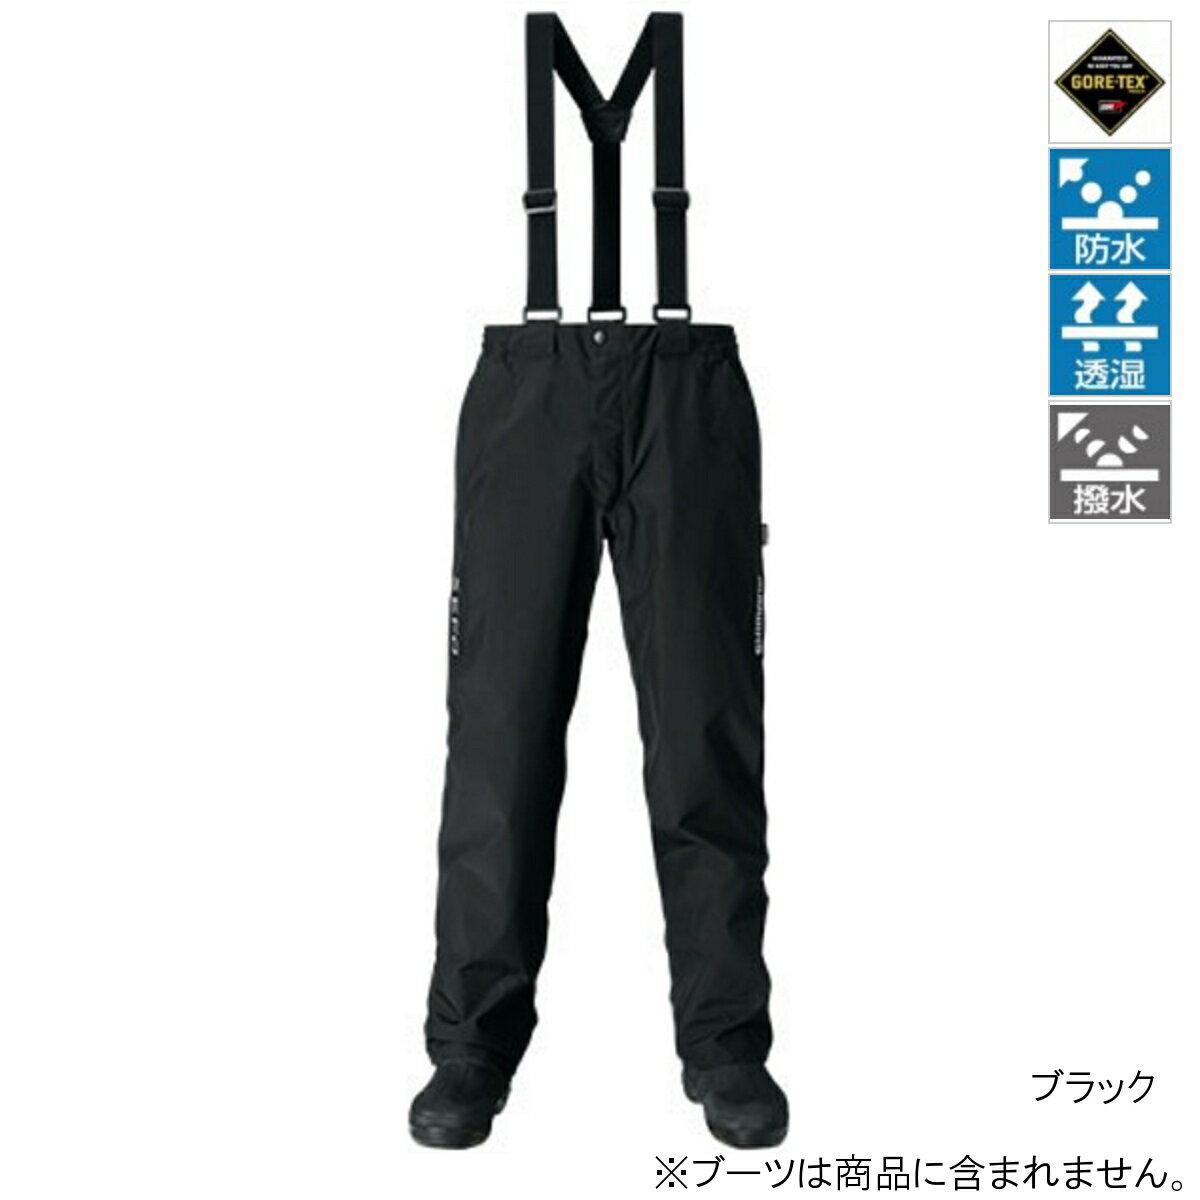 シマノ XEFO GORE-TEX BASIC Pants RA-27PQ M ブラック(東日本店)